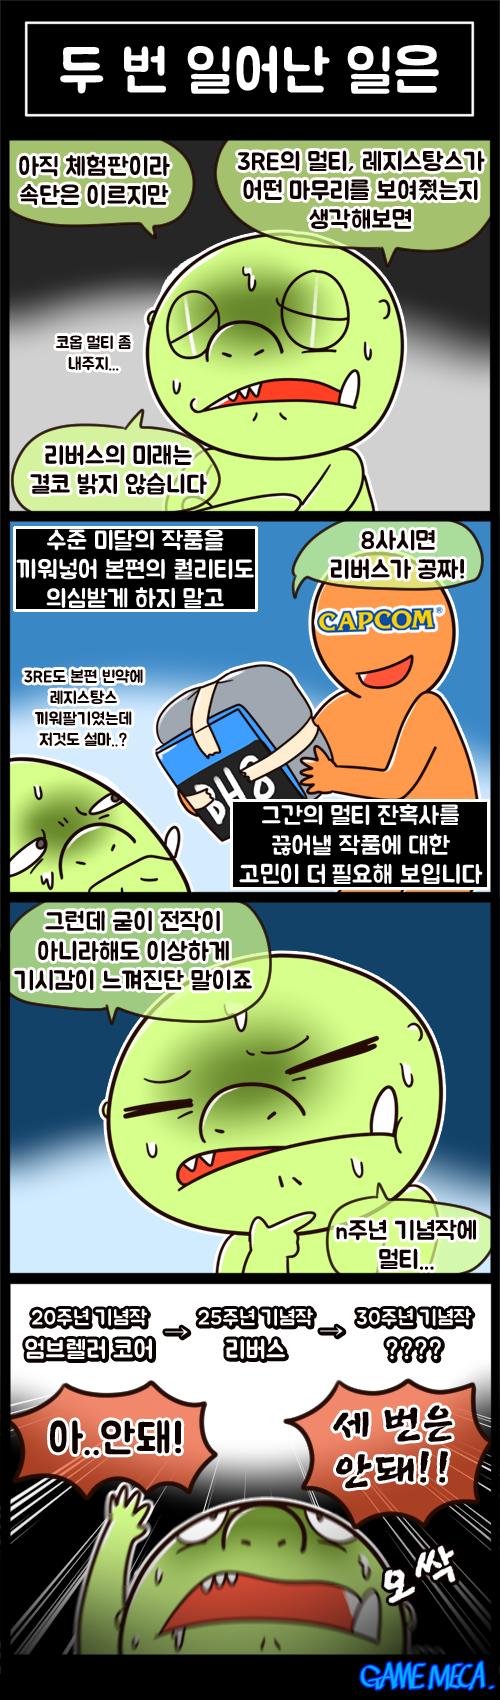 노8리뷰 노팔리뷰 노동8호